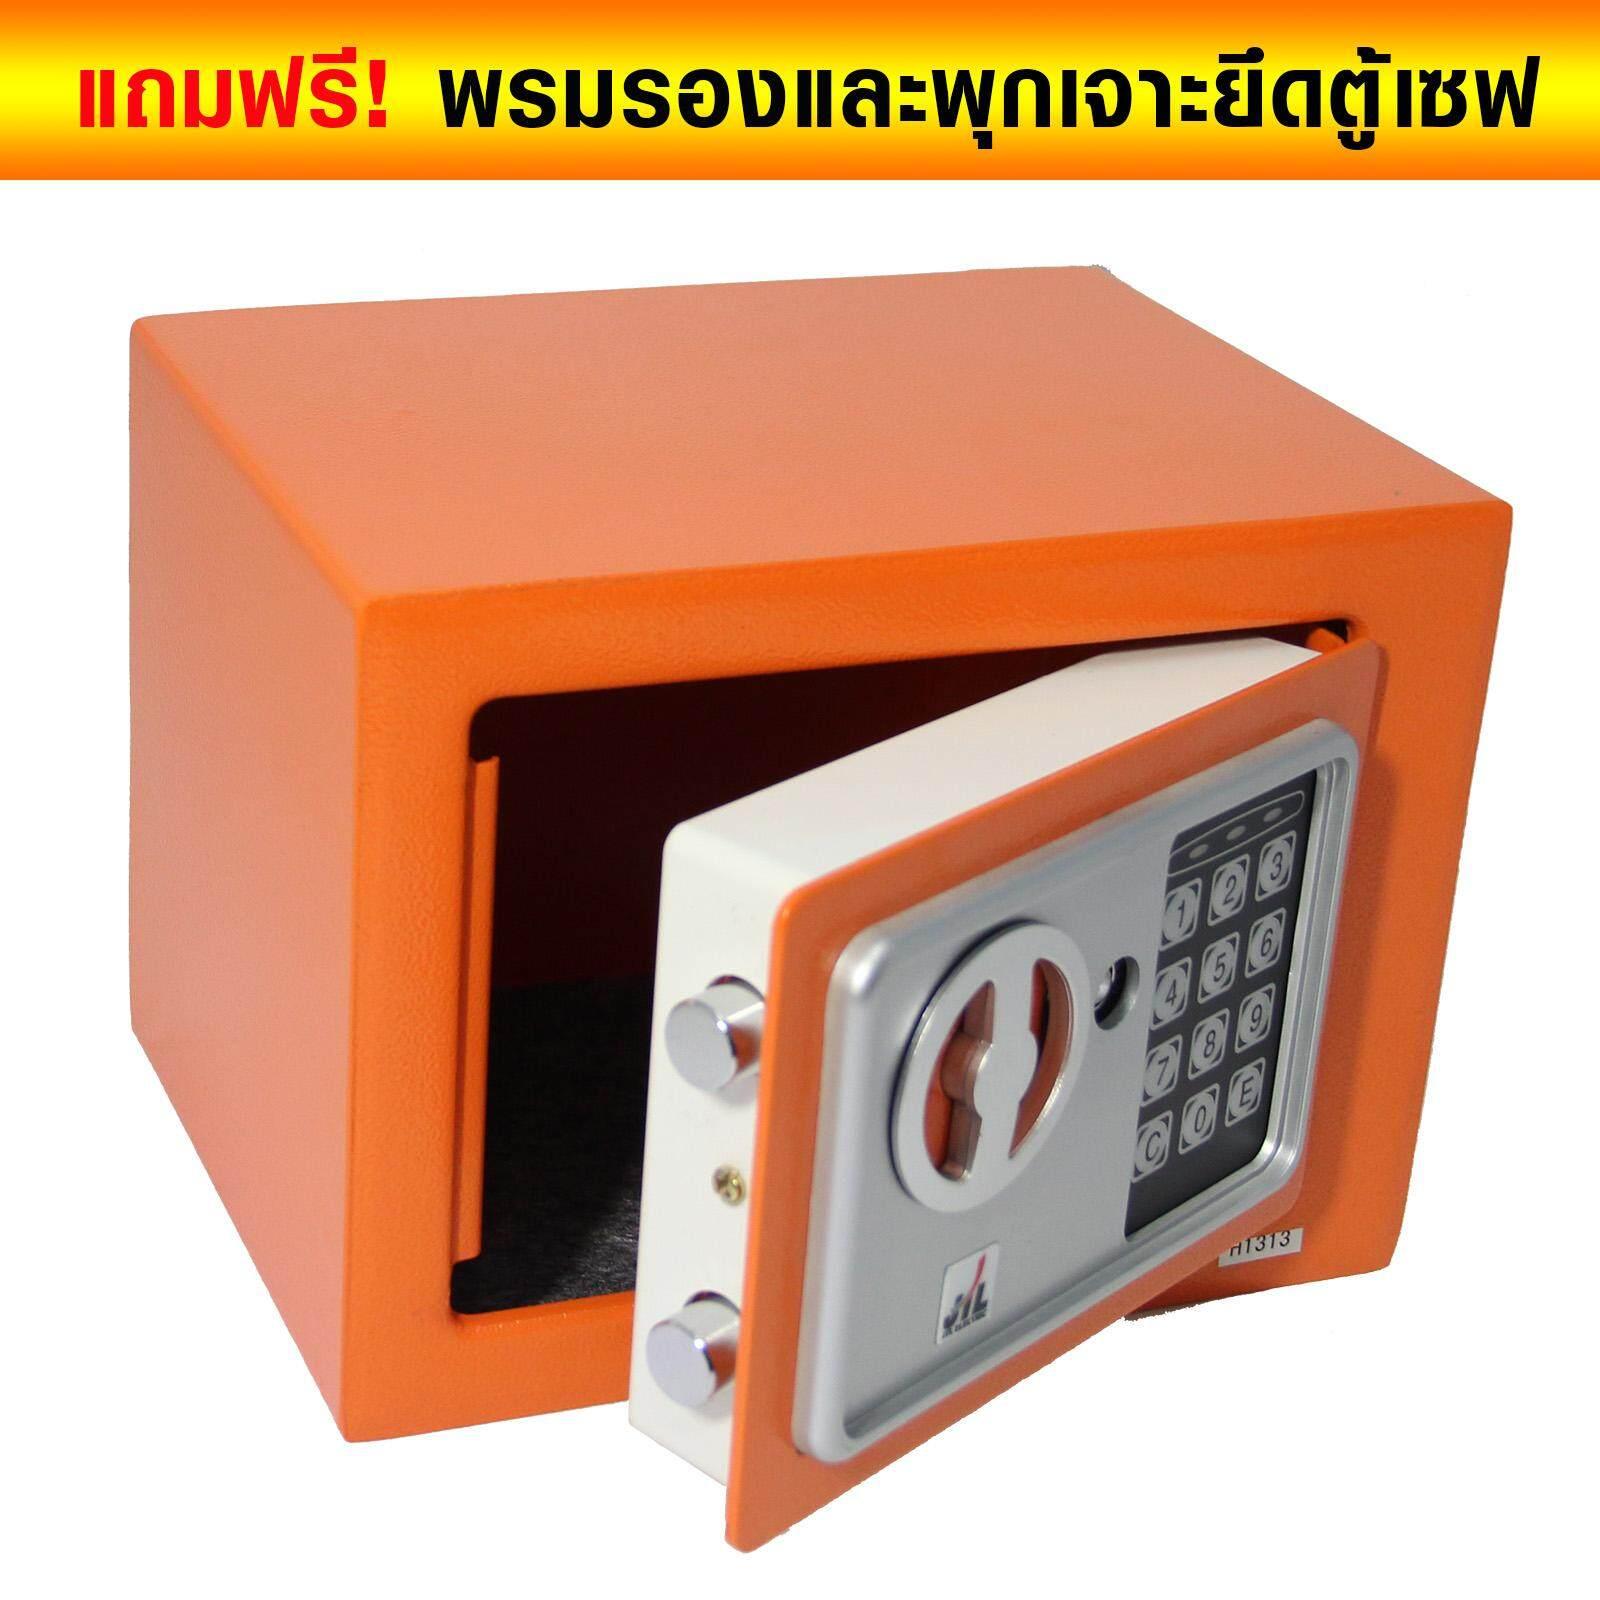 ตู้เซฟ ตู้เซฟนิรภัย ตู้เซฟอิเล็กทรอนิกส์ safety box safety deposit box ตู้เซฟนิรภัย (Size : 23 x 17 x 17 cm.)